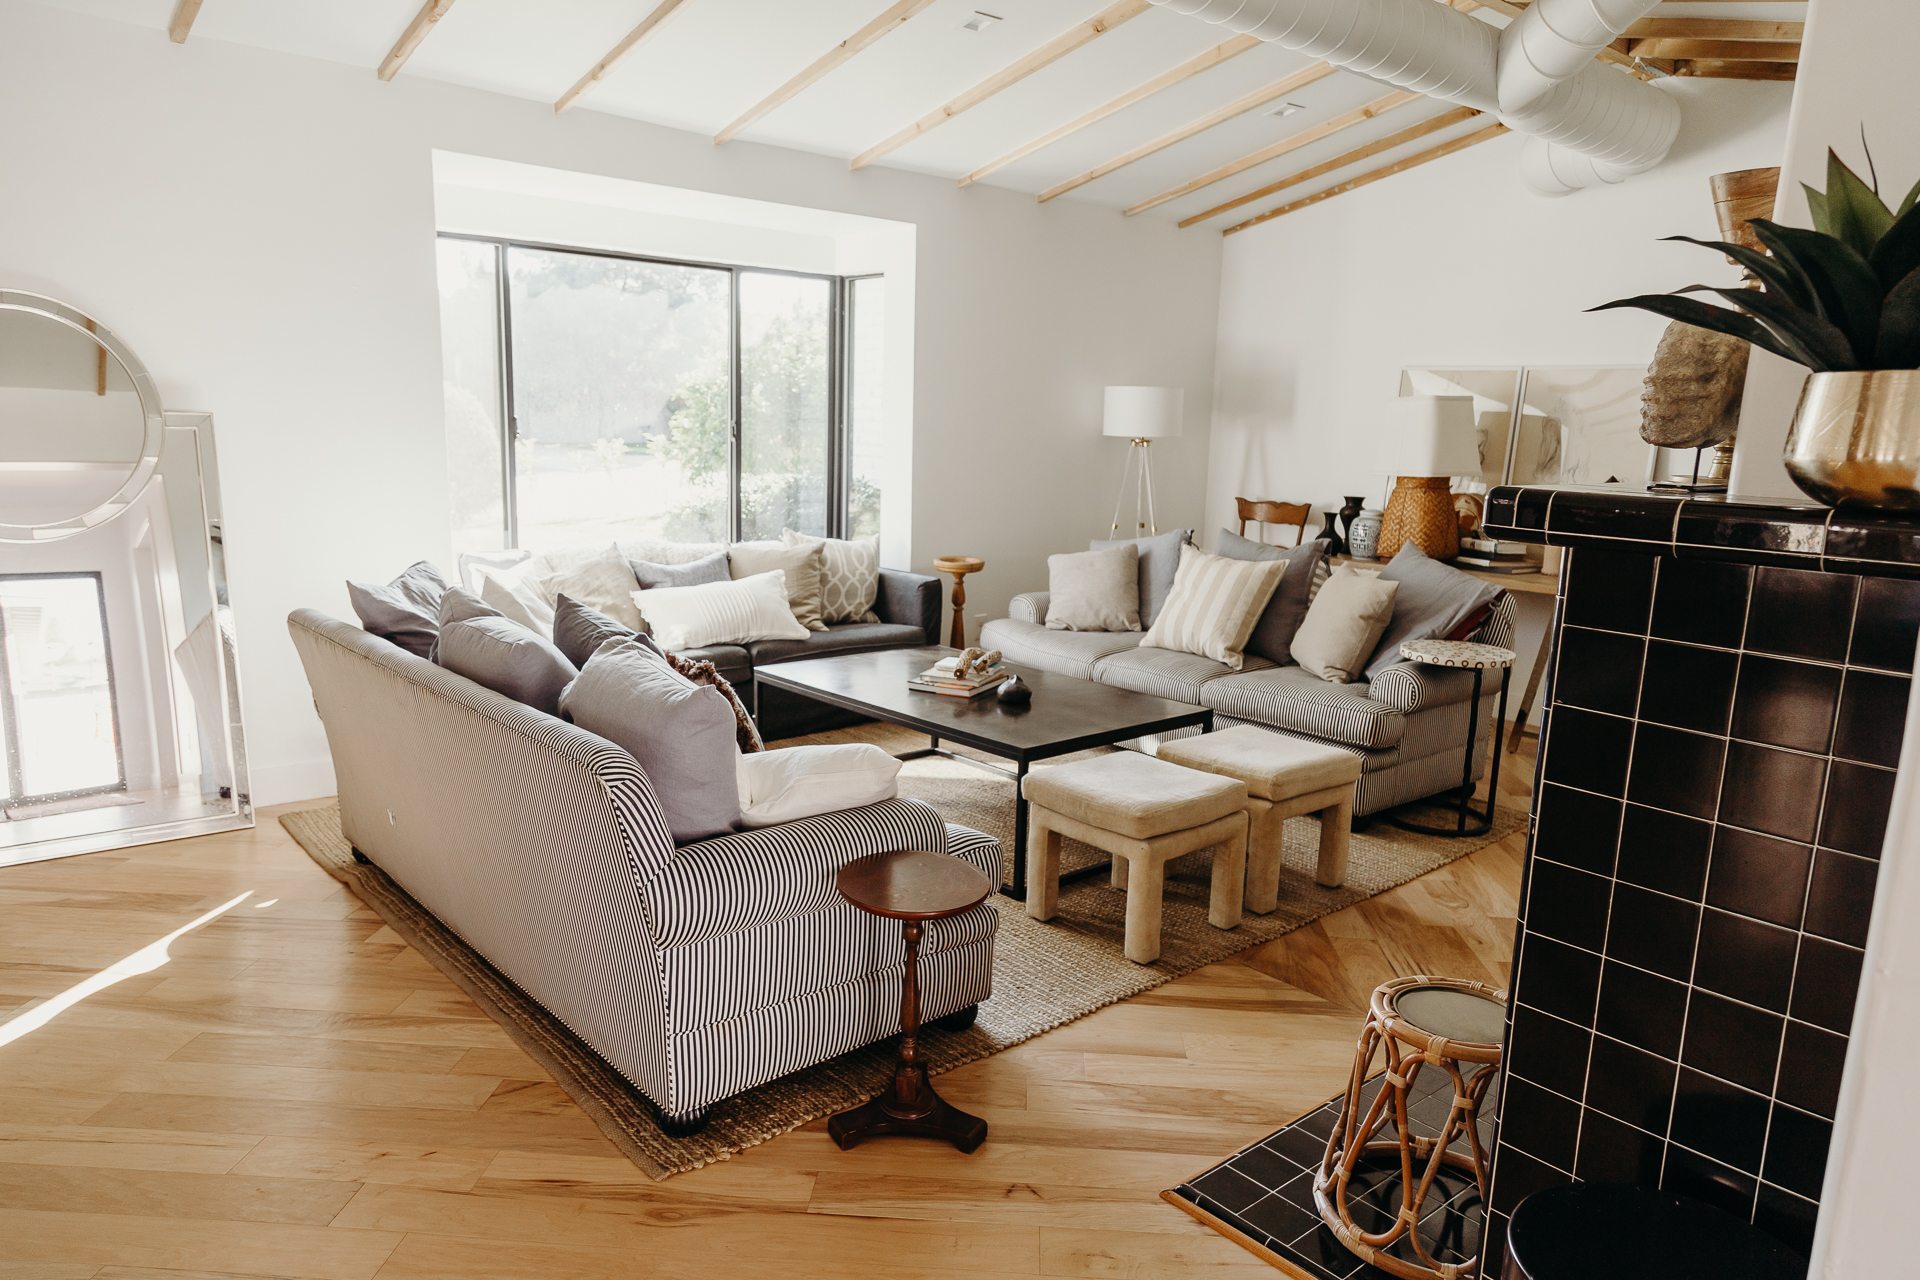 esparza-airbnb-1021.jpg